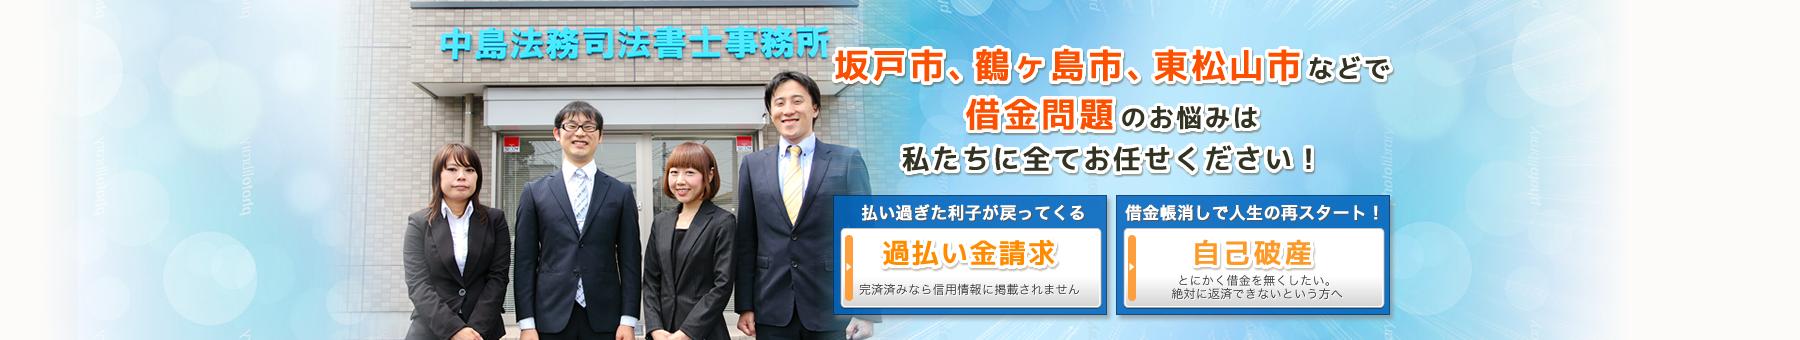 坂戸市、鶴ヶ島市、東松山市などで借金問題のお悩みは私たちに全てお任せください!